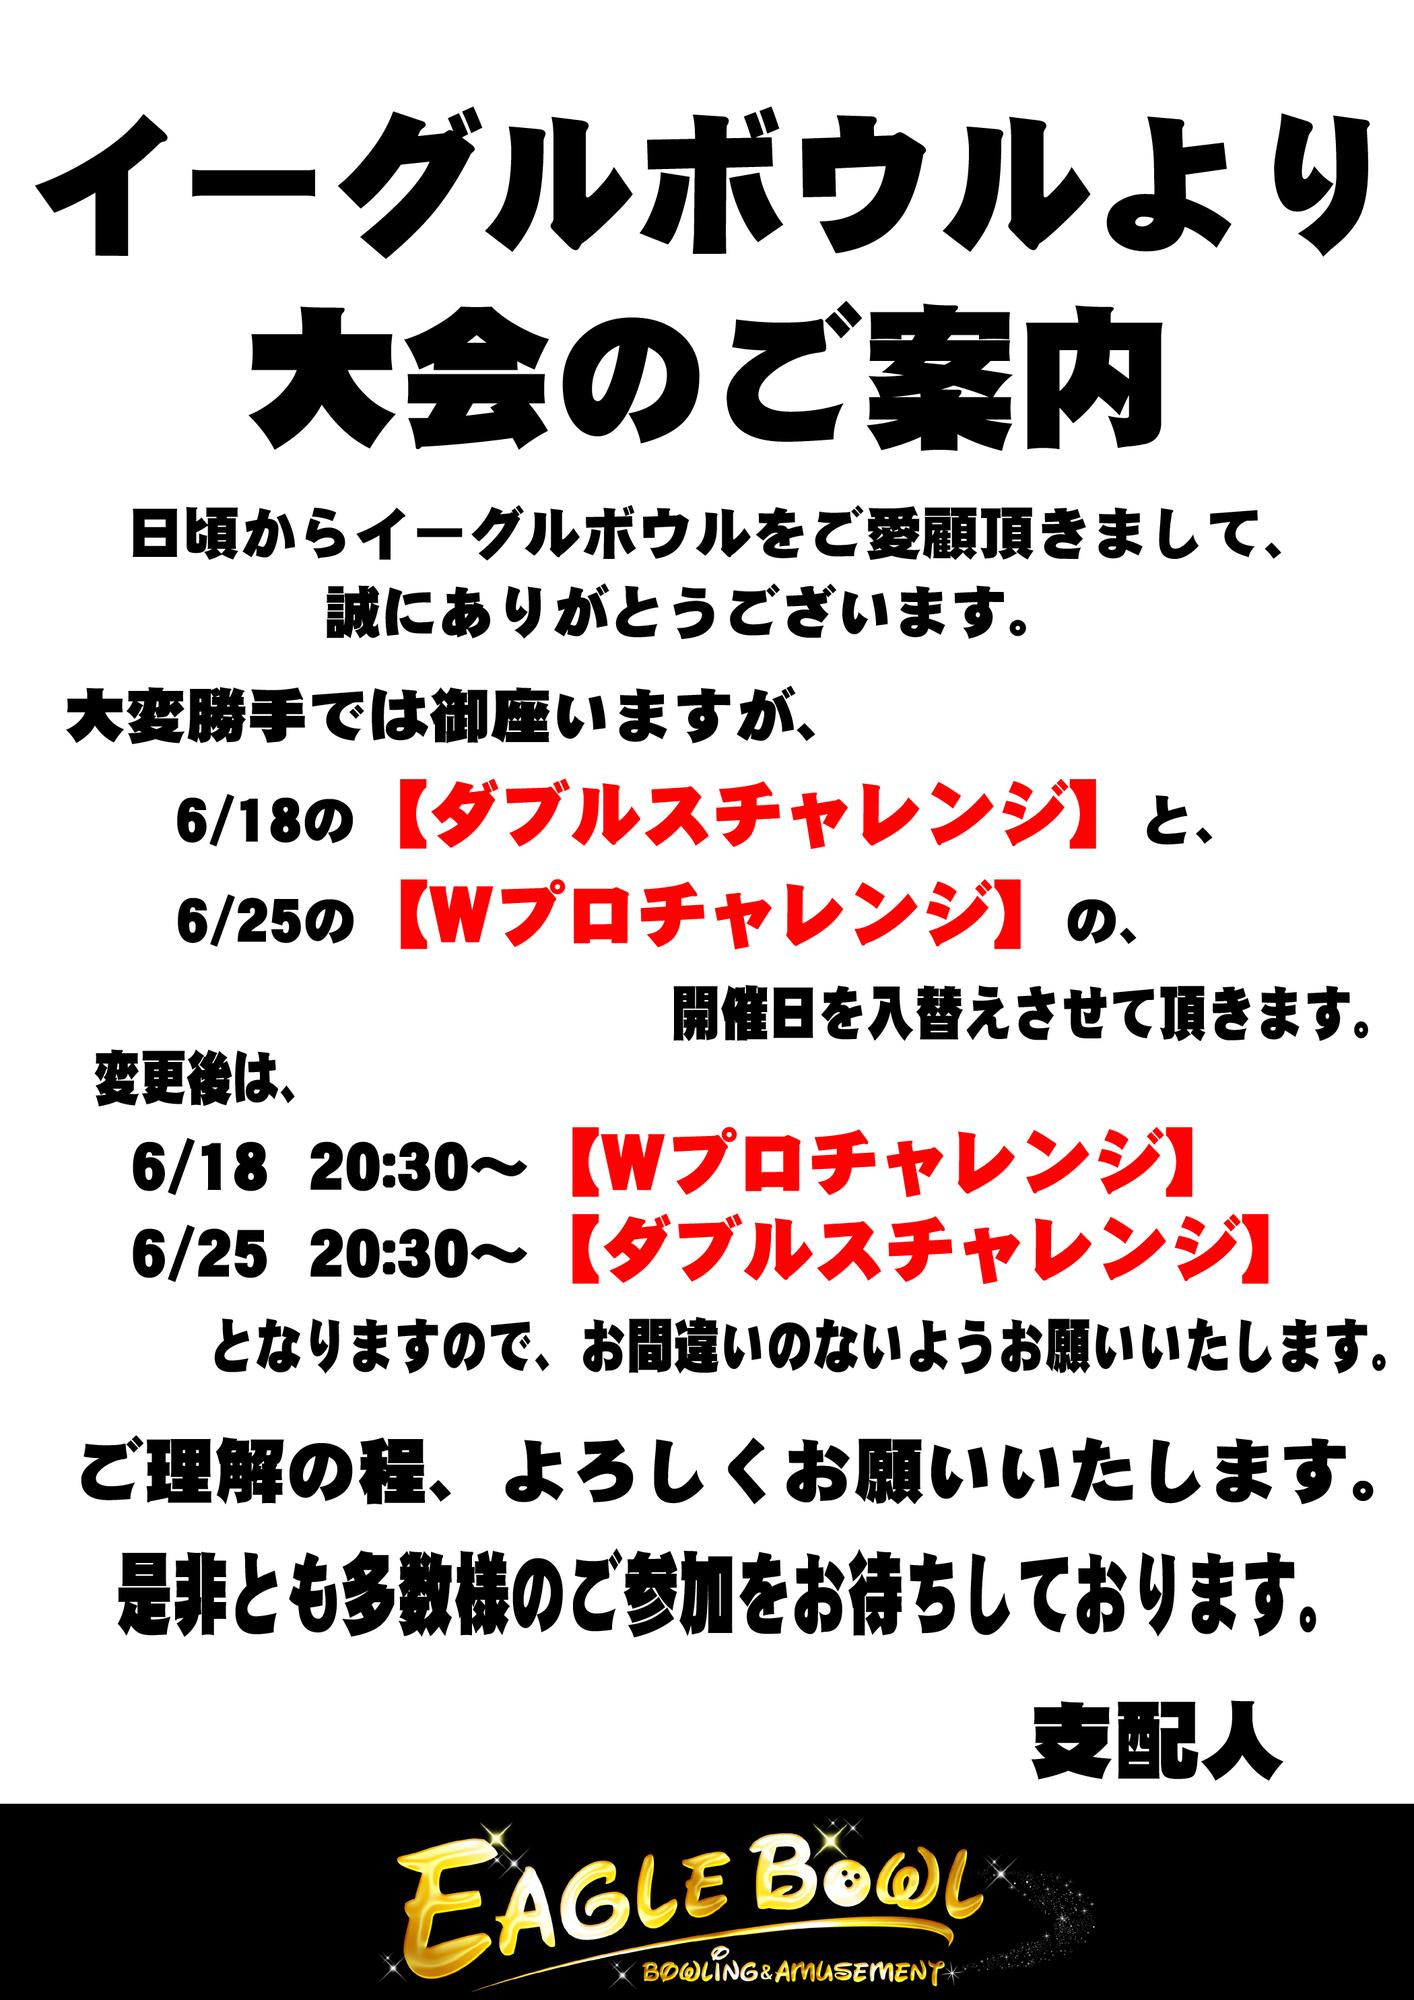 6月度大会スケジュール変更のお知らせ